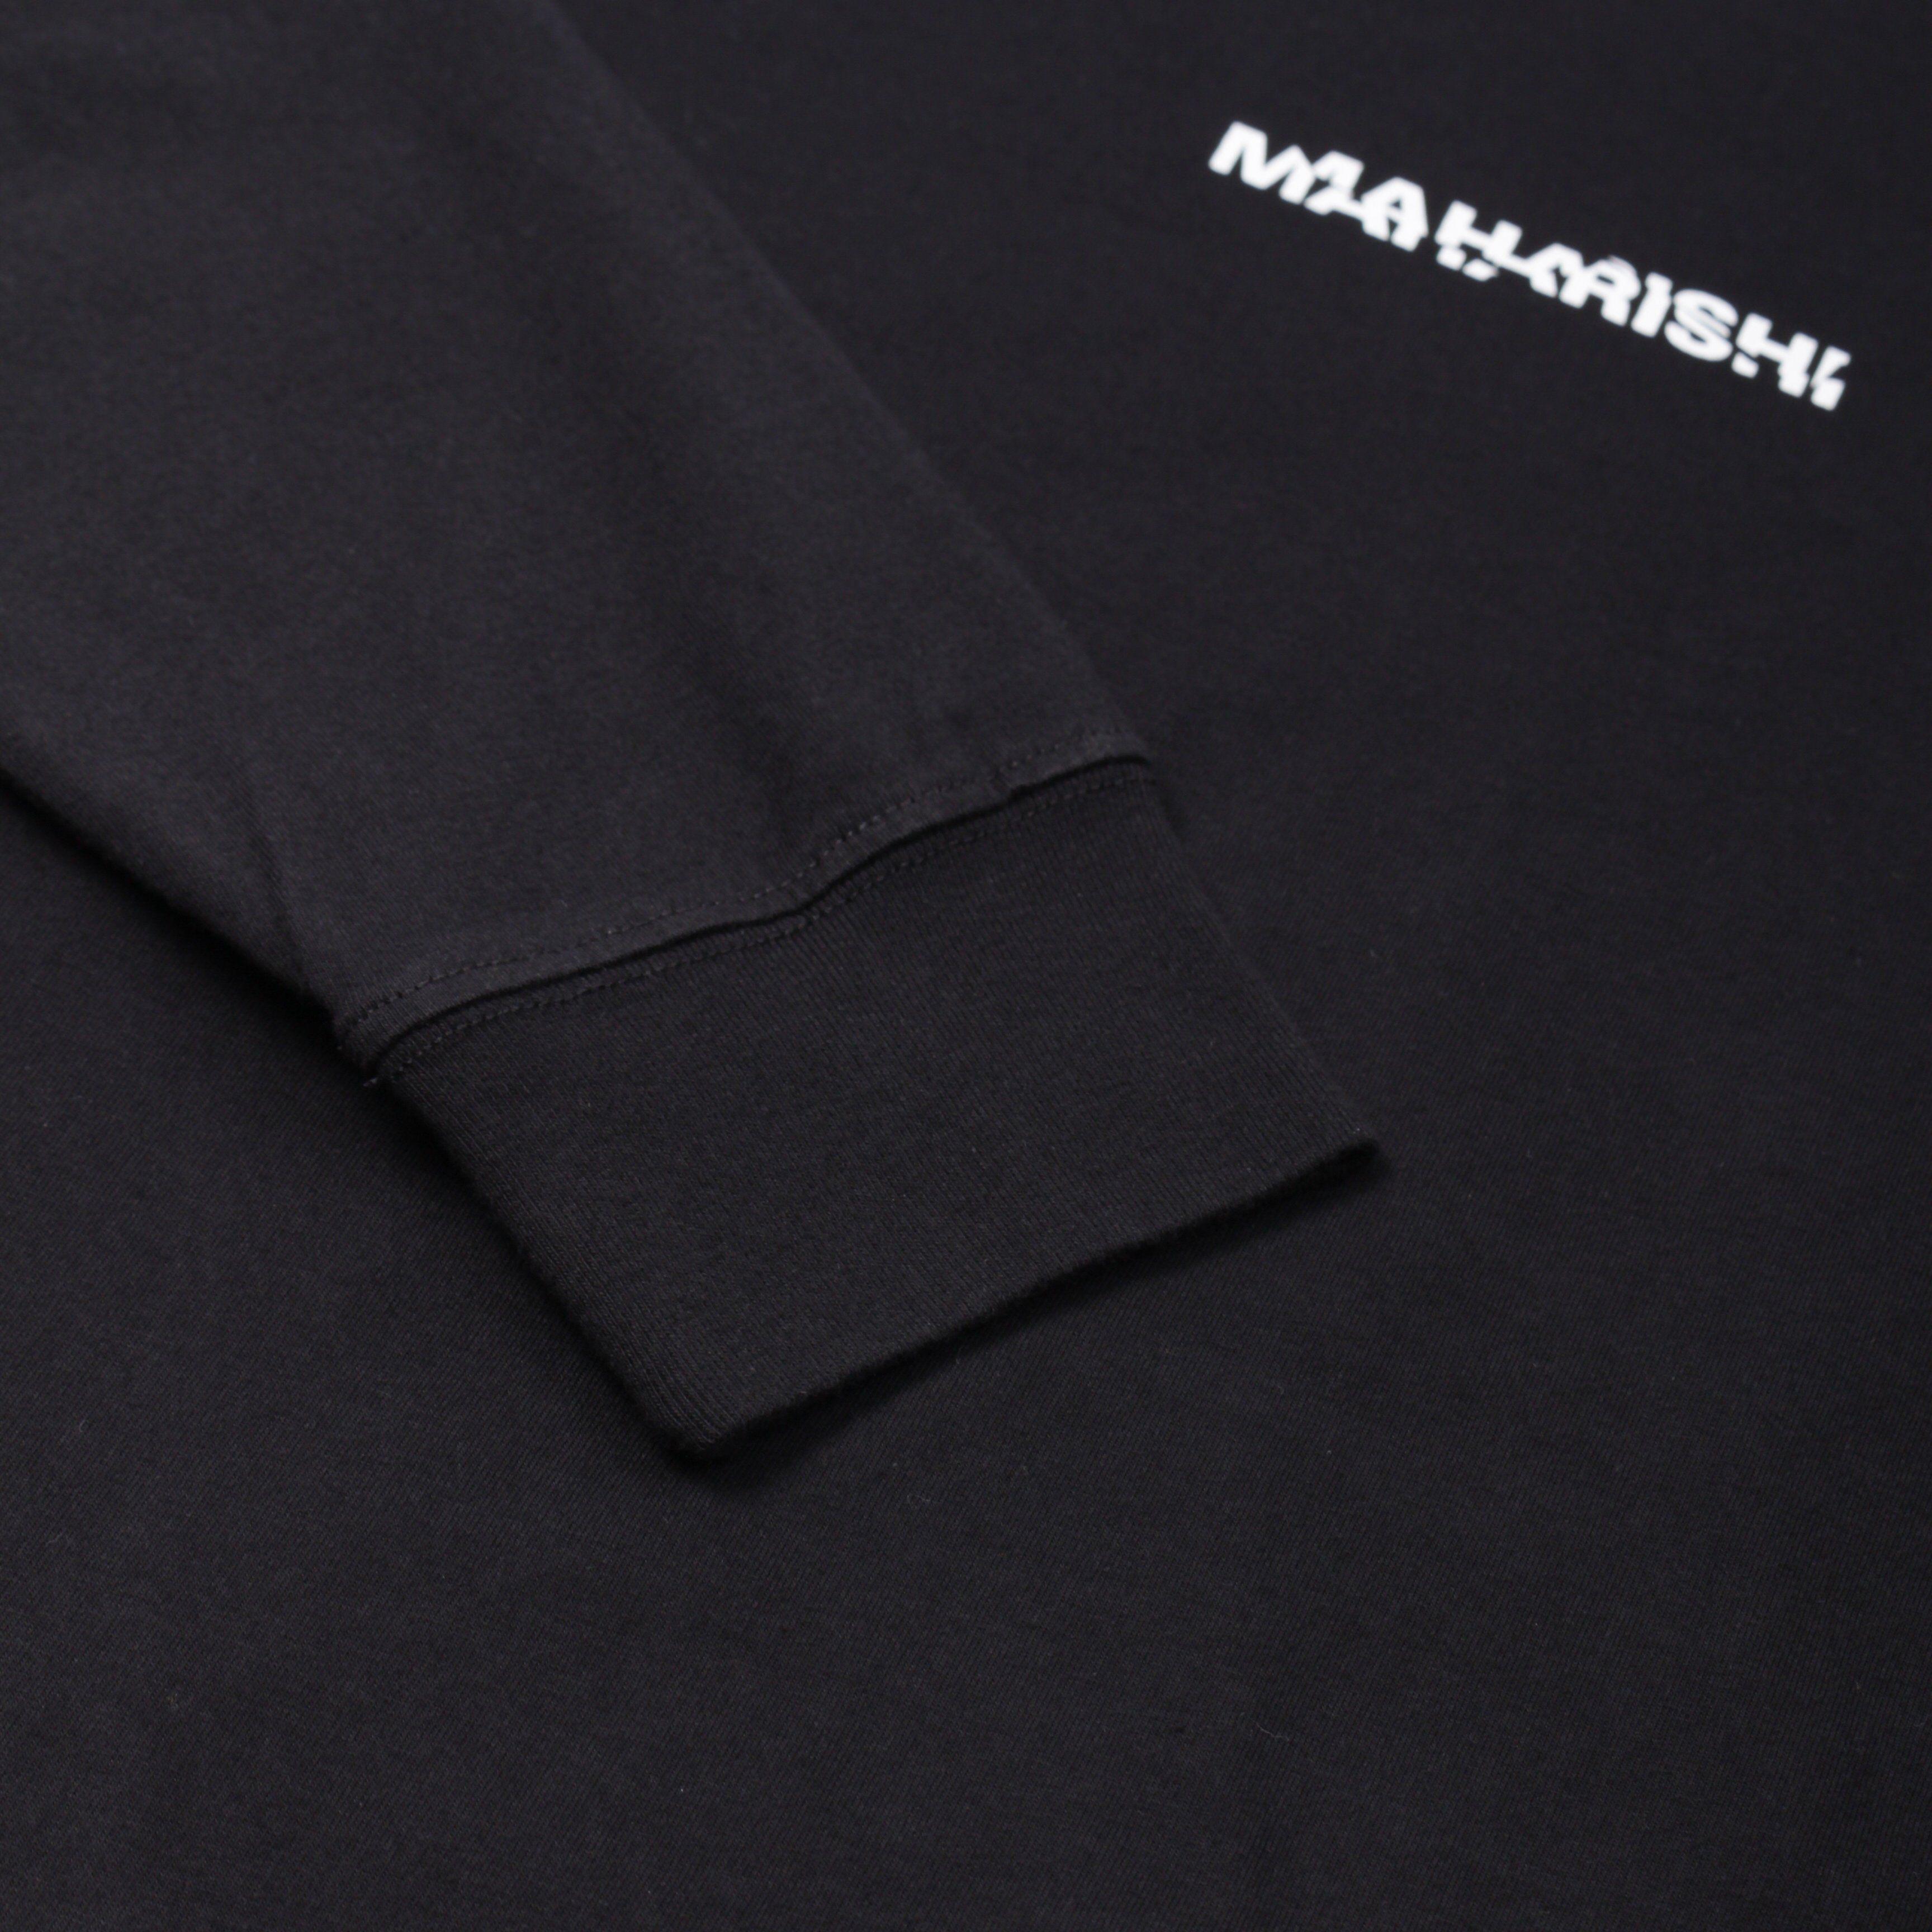 Maharishi 9012 BLAKE L/S TIGERSTRIPE T-SHIRT